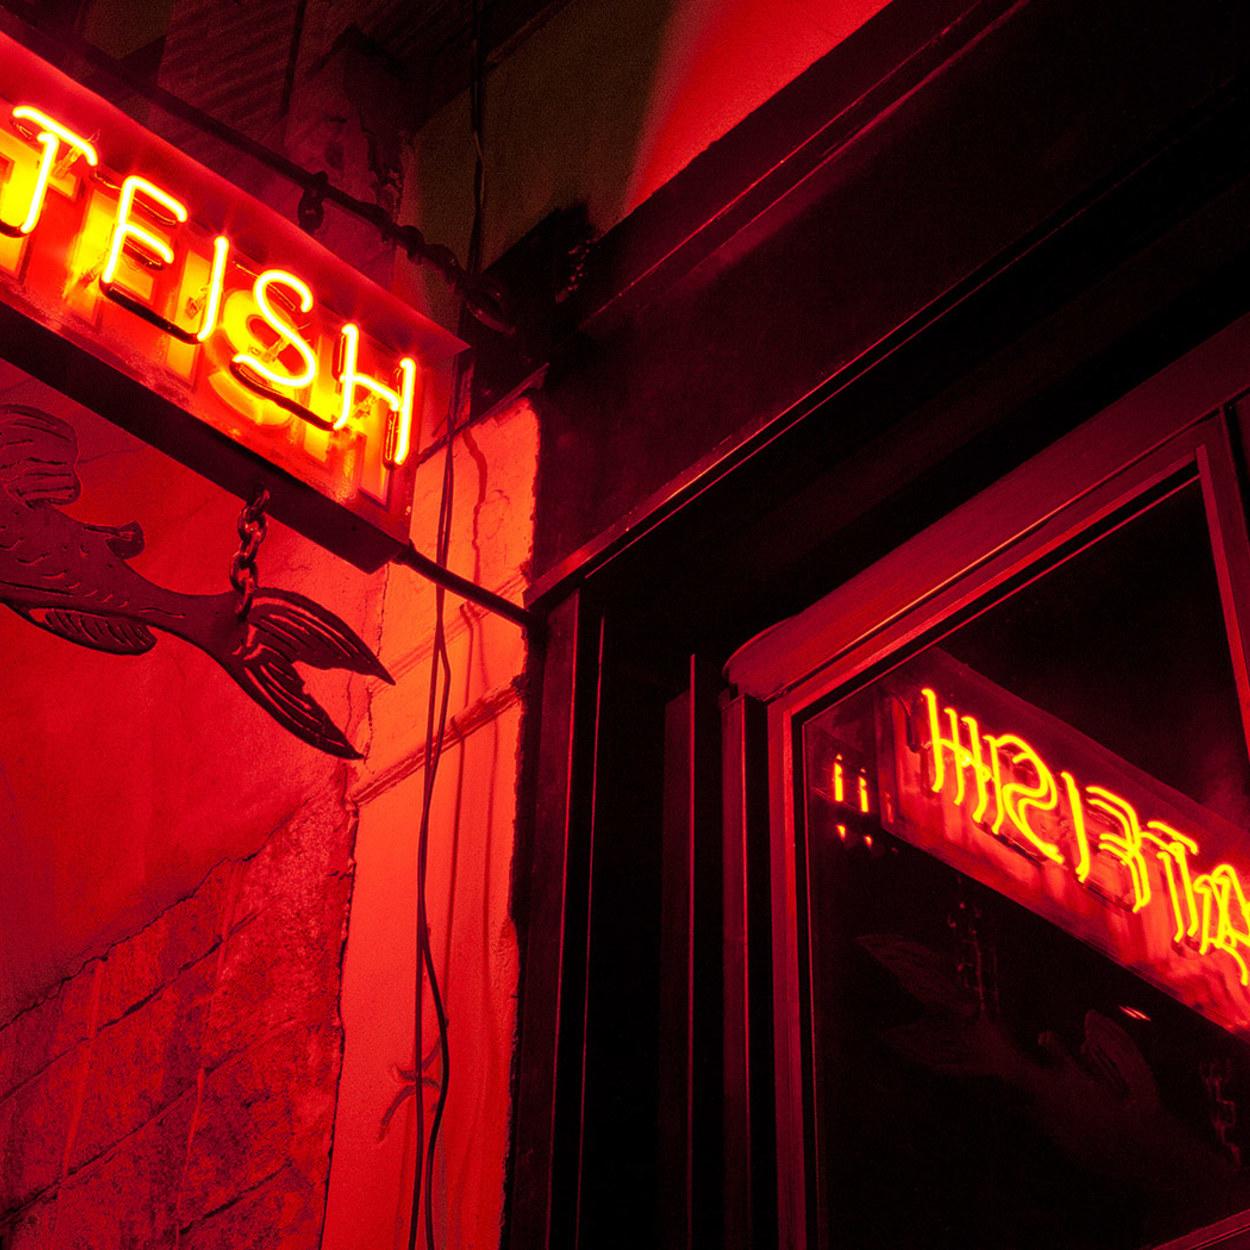 Night catfish sign